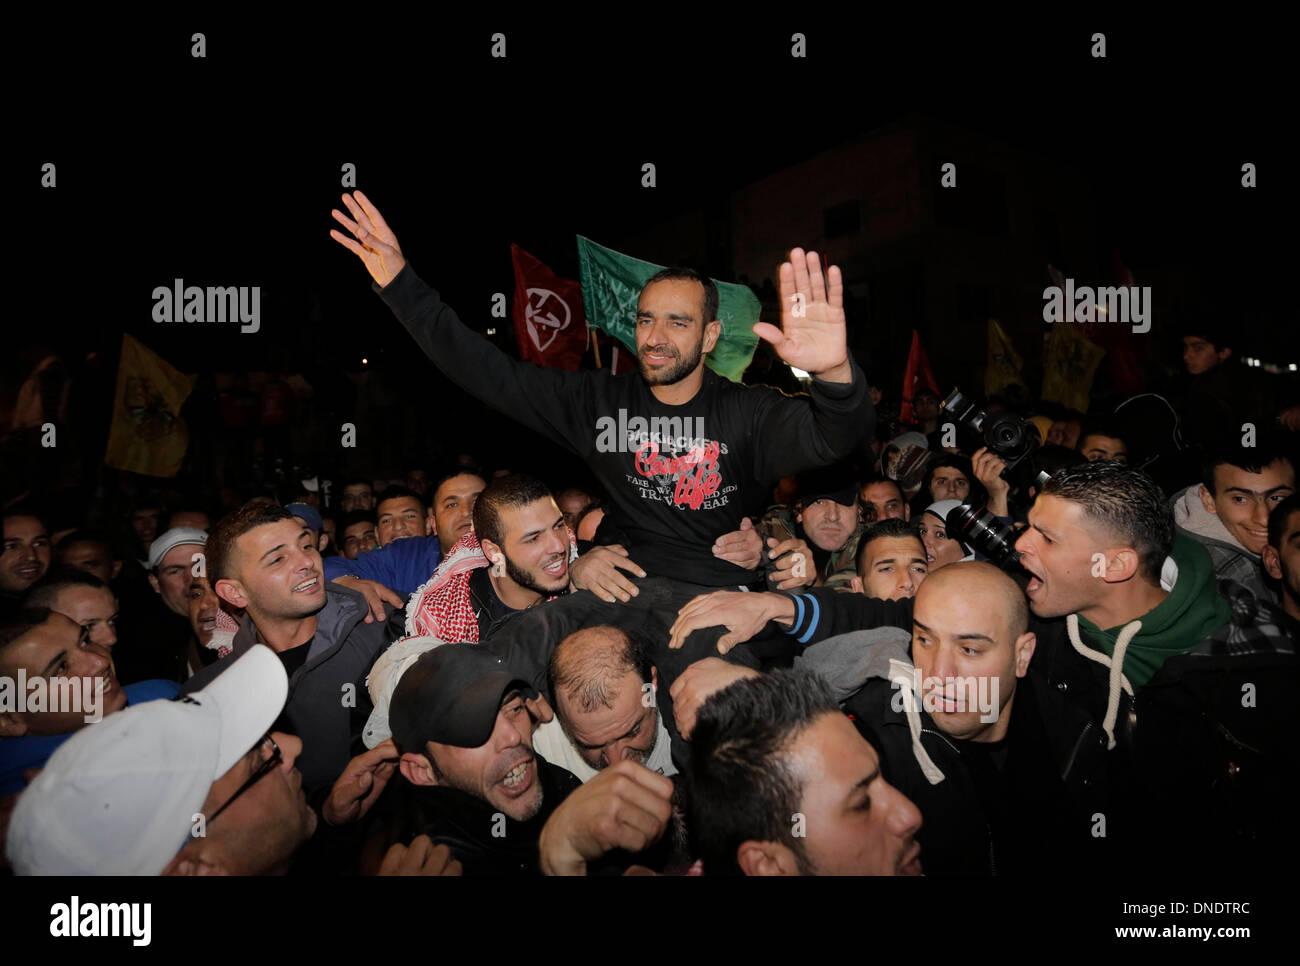 Jerusalem. 23. Dezember 2013. Palästinenser tragen veröffentlicht palästinensischen Gefangenen Samer Essawi (C), wie sie in der Essaweyeh Stadt in Ost-Jerusalem, am 23. Dezember 2013 feiern. Israelische Behörden am Montag Samer Essawi, ein palästinensischer Gefangener veröffentlicht, der die längste Hungerstreik gegen Israel, nach mehr als 17 Monate im Gefängnis, ging Reportern seine Familien. Bildnachweis: Muammar Awad/Xinhua/Alamy Live-Nachrichten Stockbild